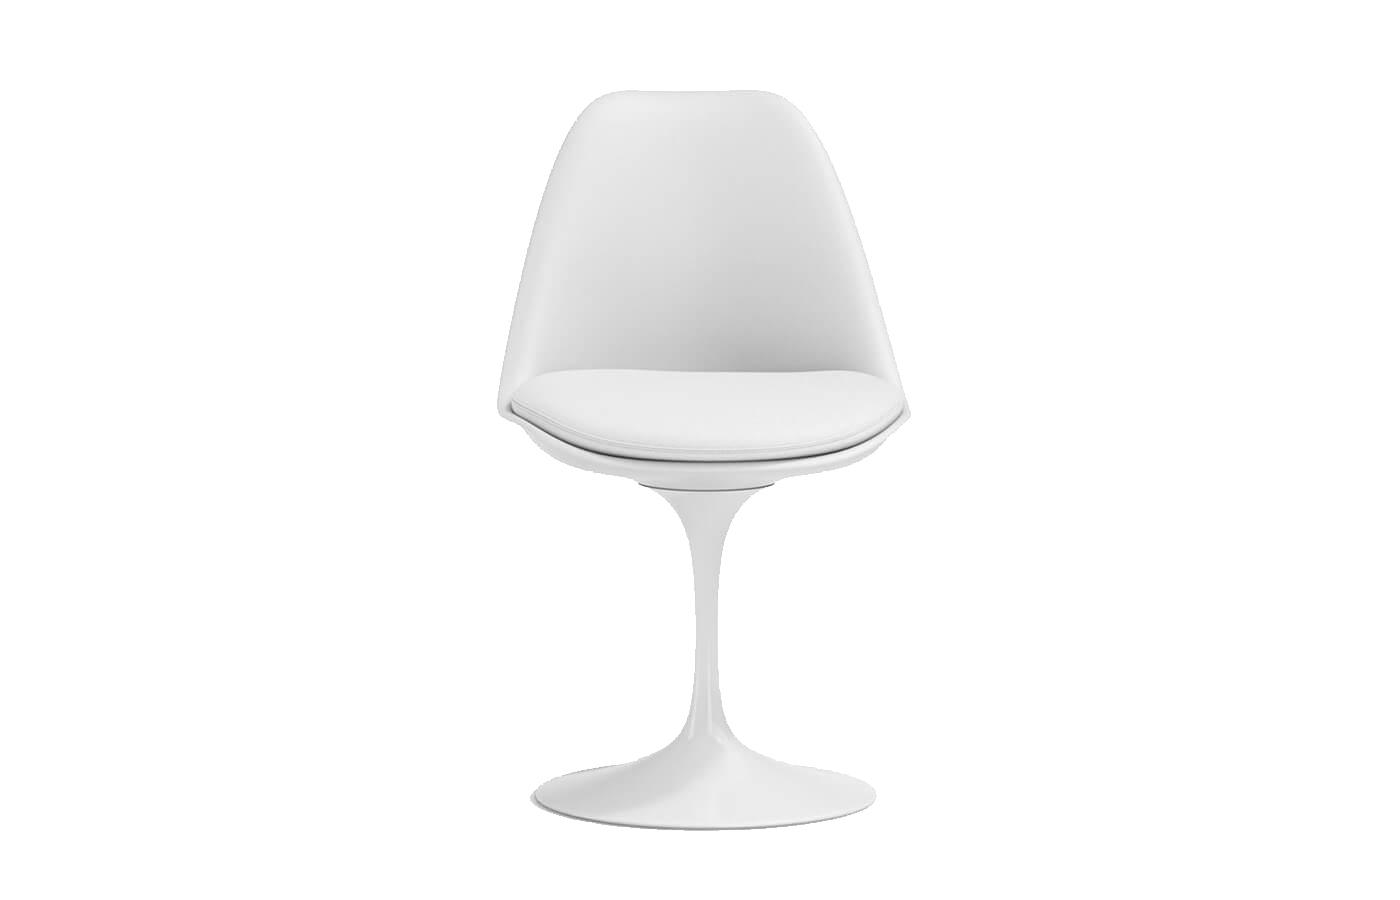 Tulip chair di Eero Saarinen della collezione Pedestal